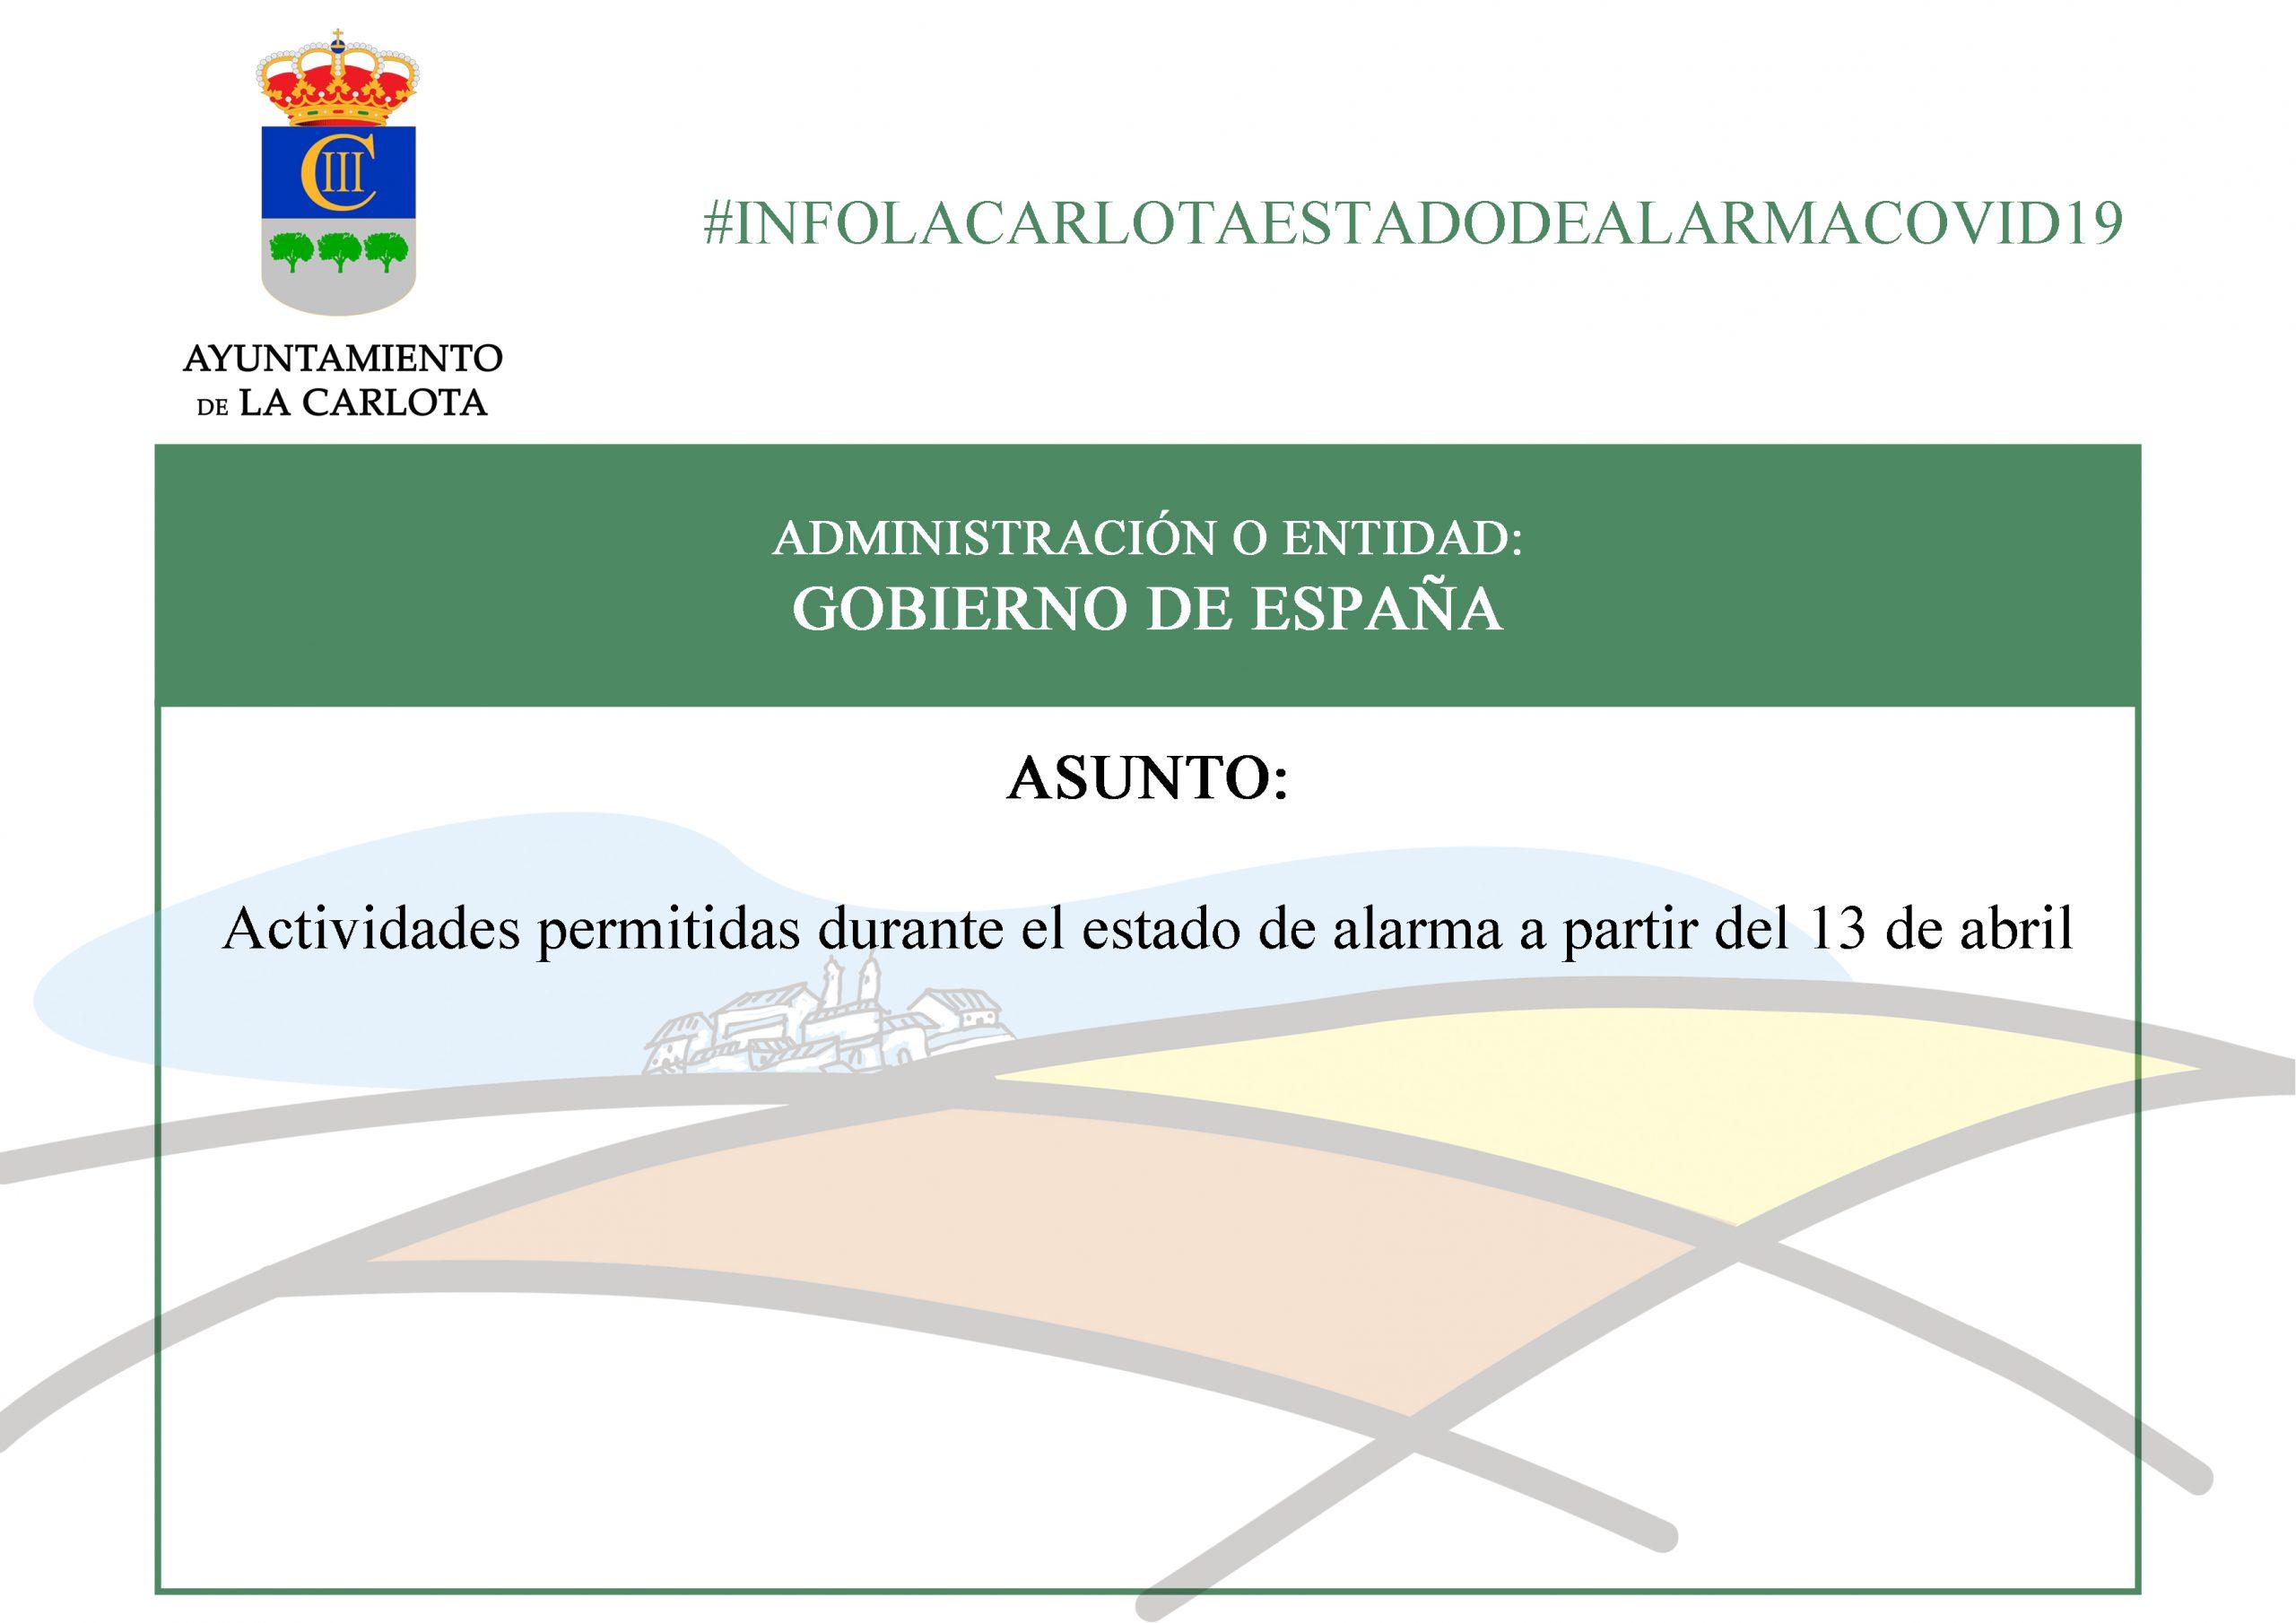 #INFOLACARLOTAESTADODEALARMACOVID19 ACTIVIDADES PERMITIDAS DURANTE EL ESTADO DE ALARMA A PARTIR DEL 13 DE ABRIL 1